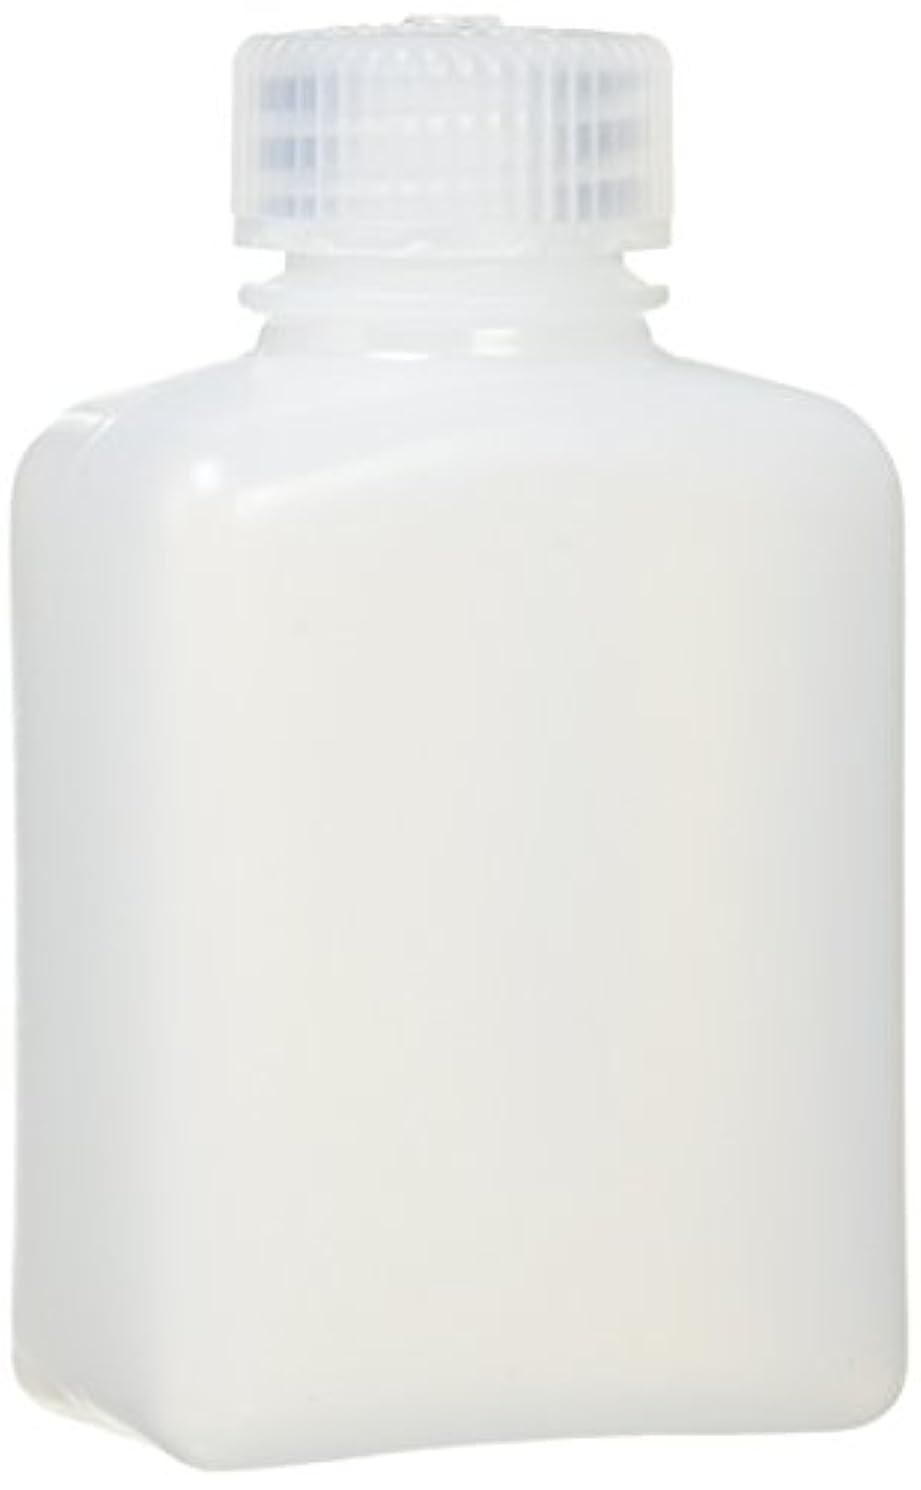 パールシャイニングマッシュnalgene(ナルゲン) 広口長方形ボトル 125ml 90204